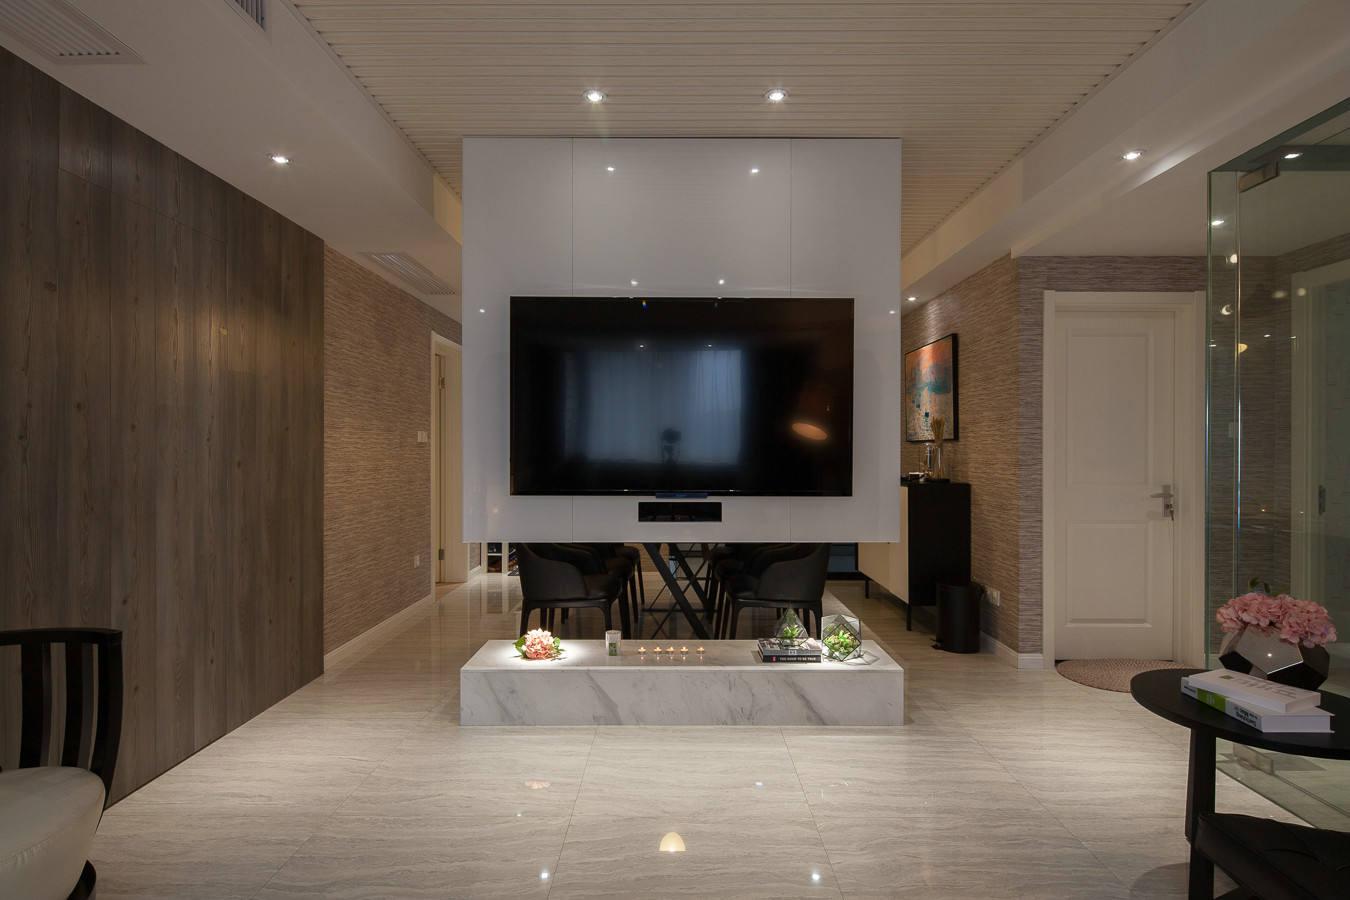 美式现代装修 家居电视隔断墙设计